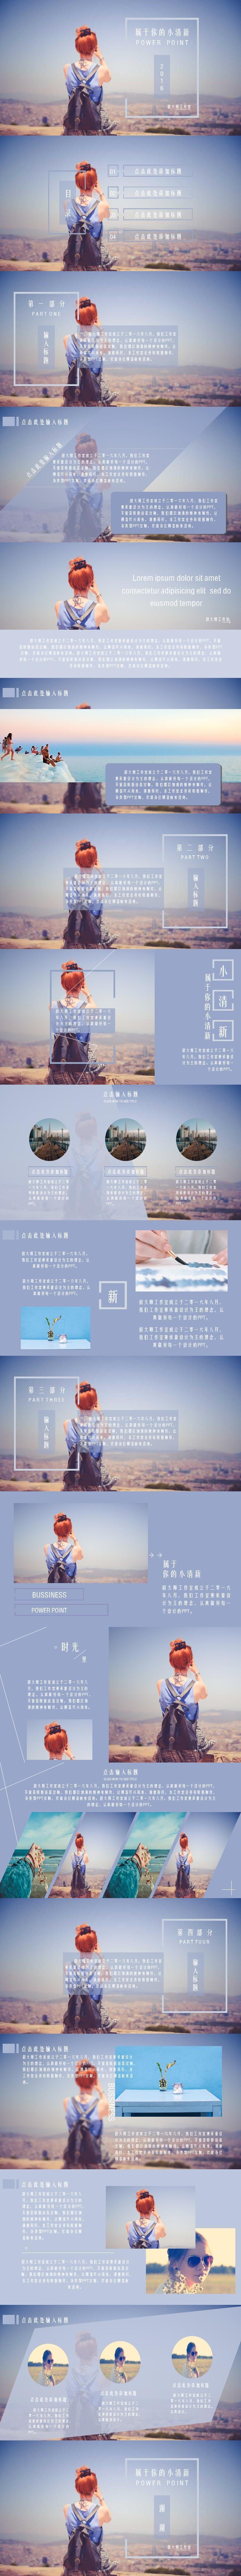 """免费ppt模板【毅大师工作室】小清新扁平化商务PPT"""""""